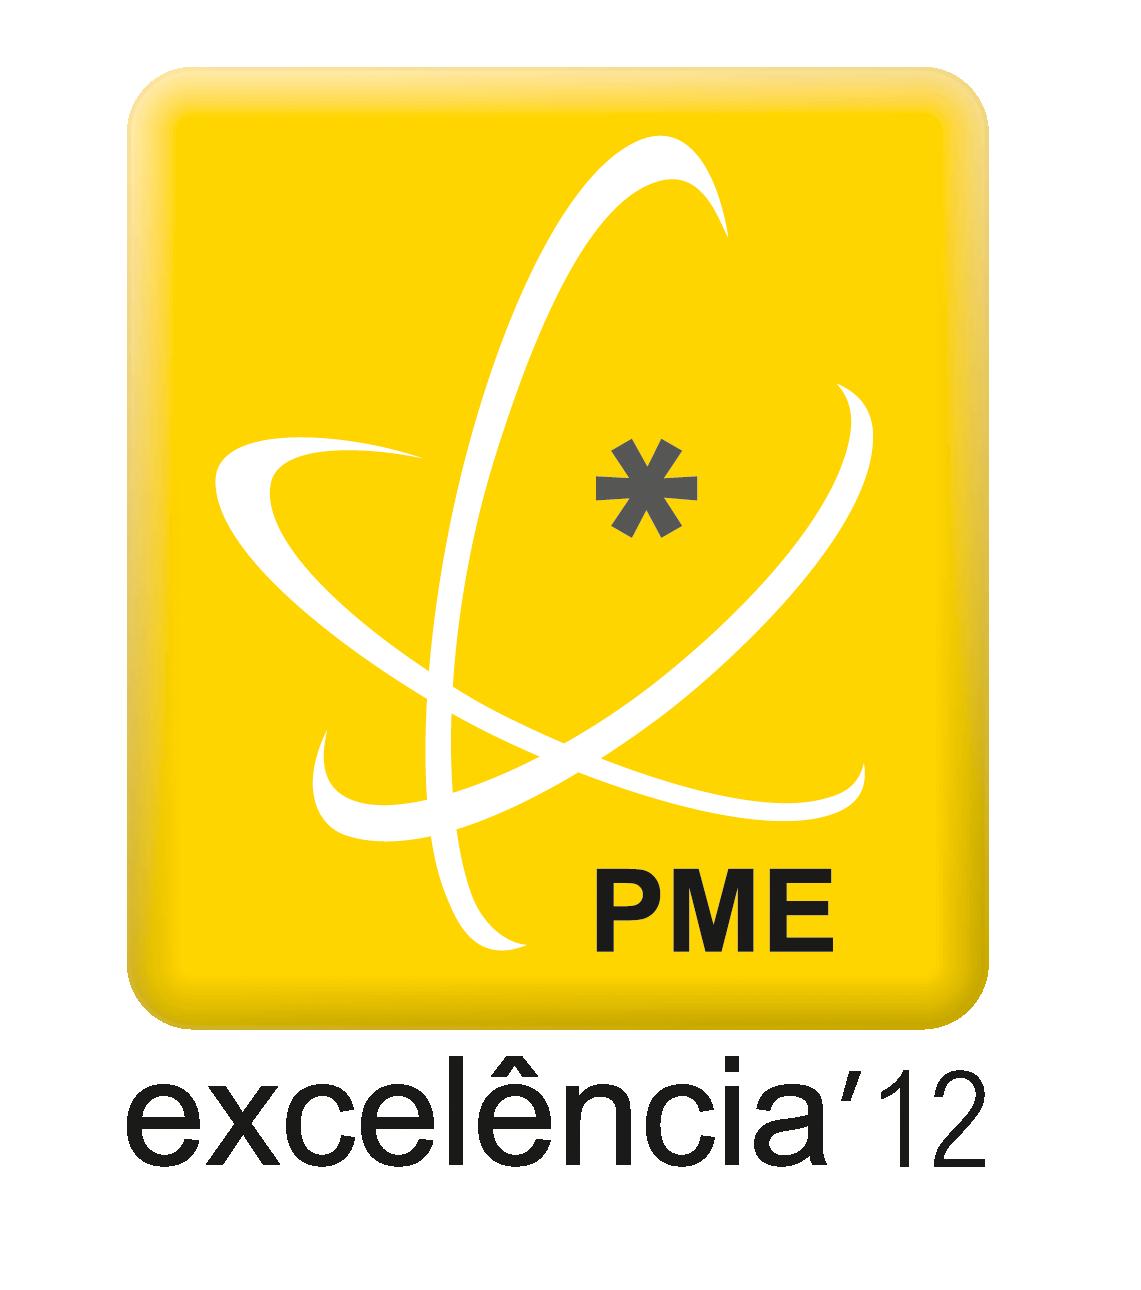 excelencia 2012